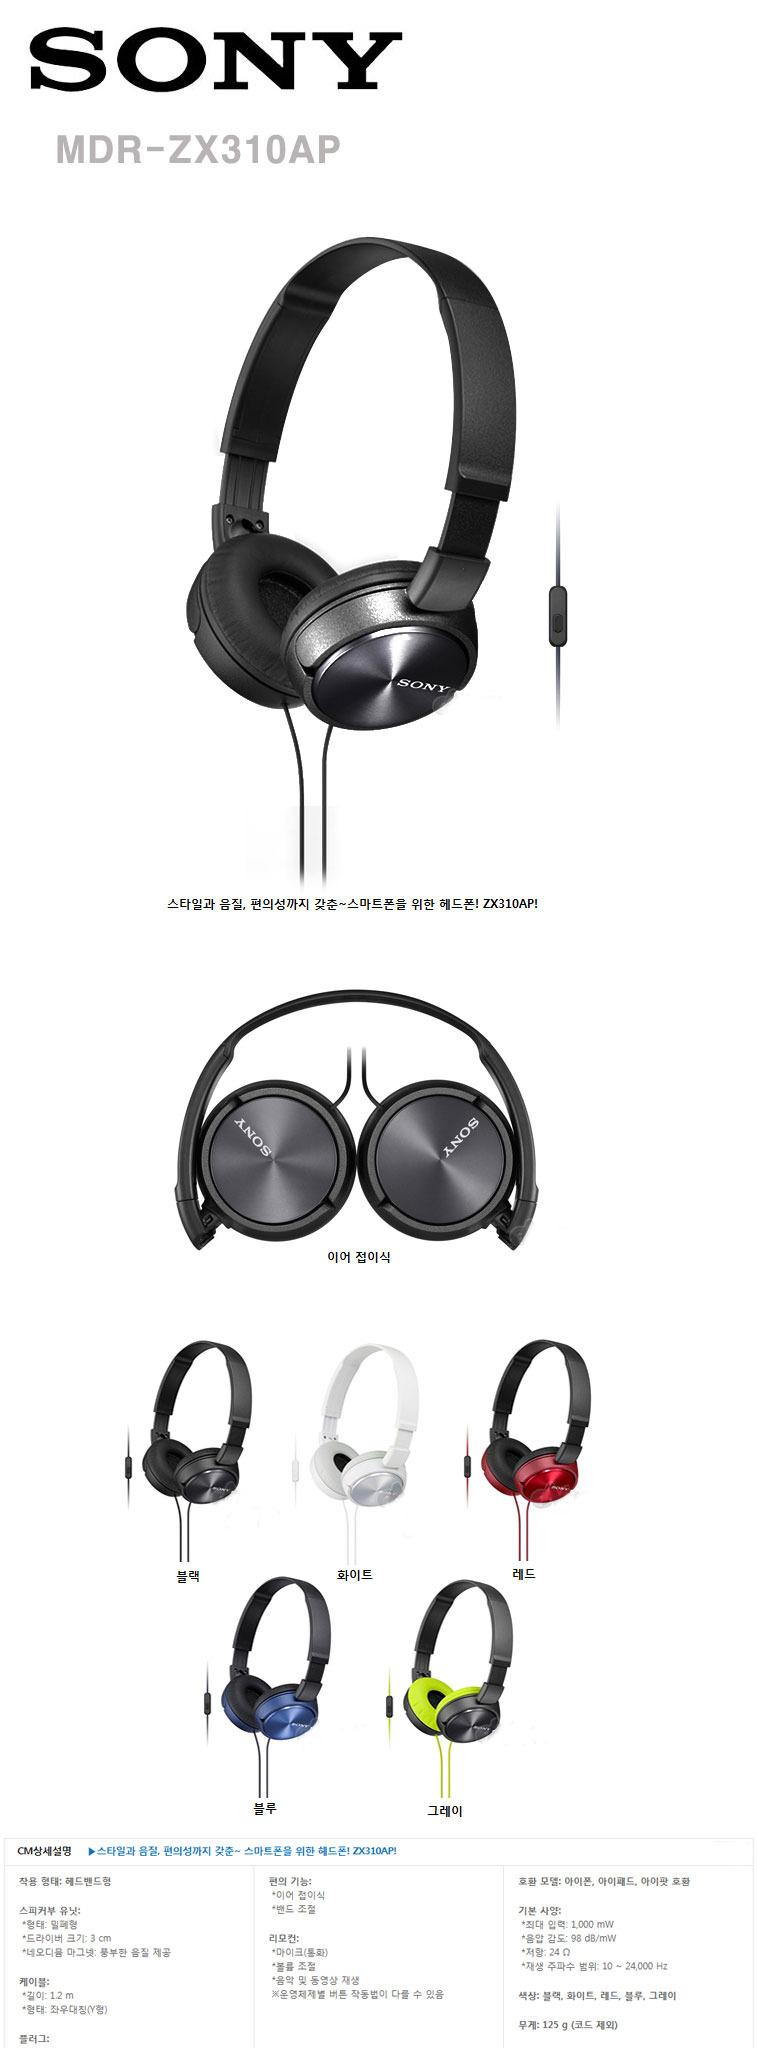 소니 MDR-ZX310AP 헤드폰 - 상세정보